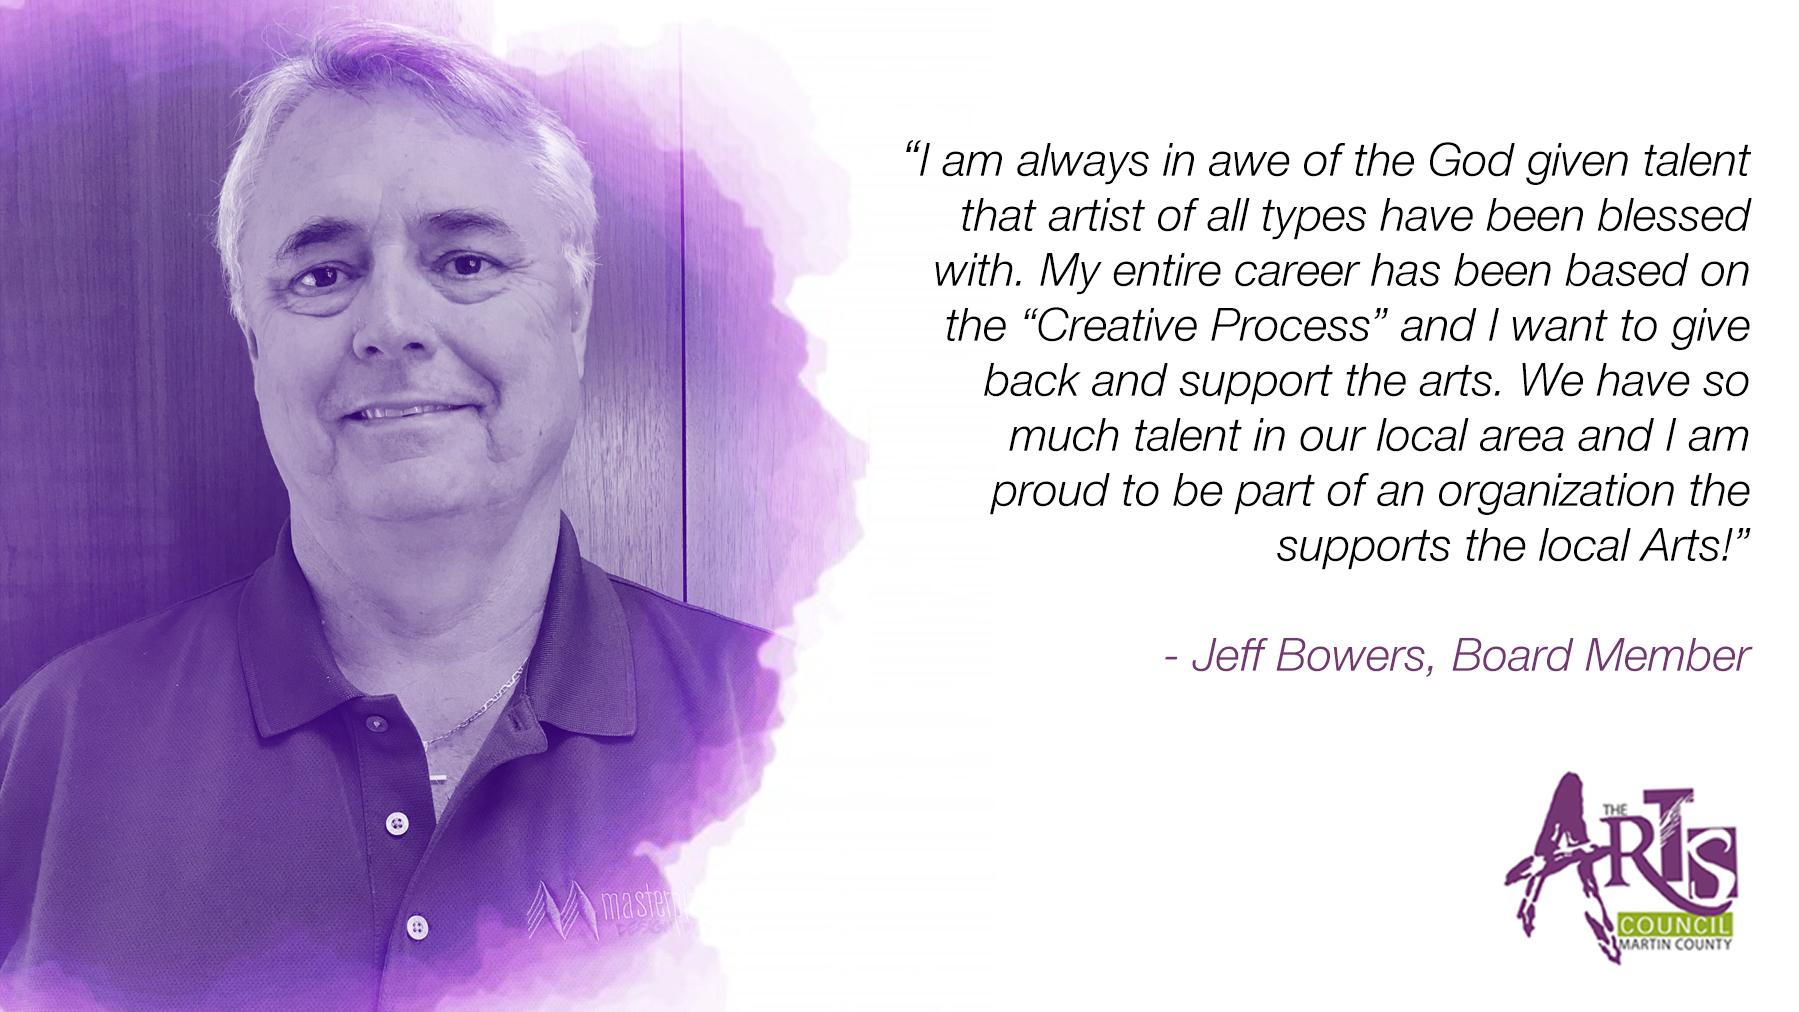 Jeff Bowers